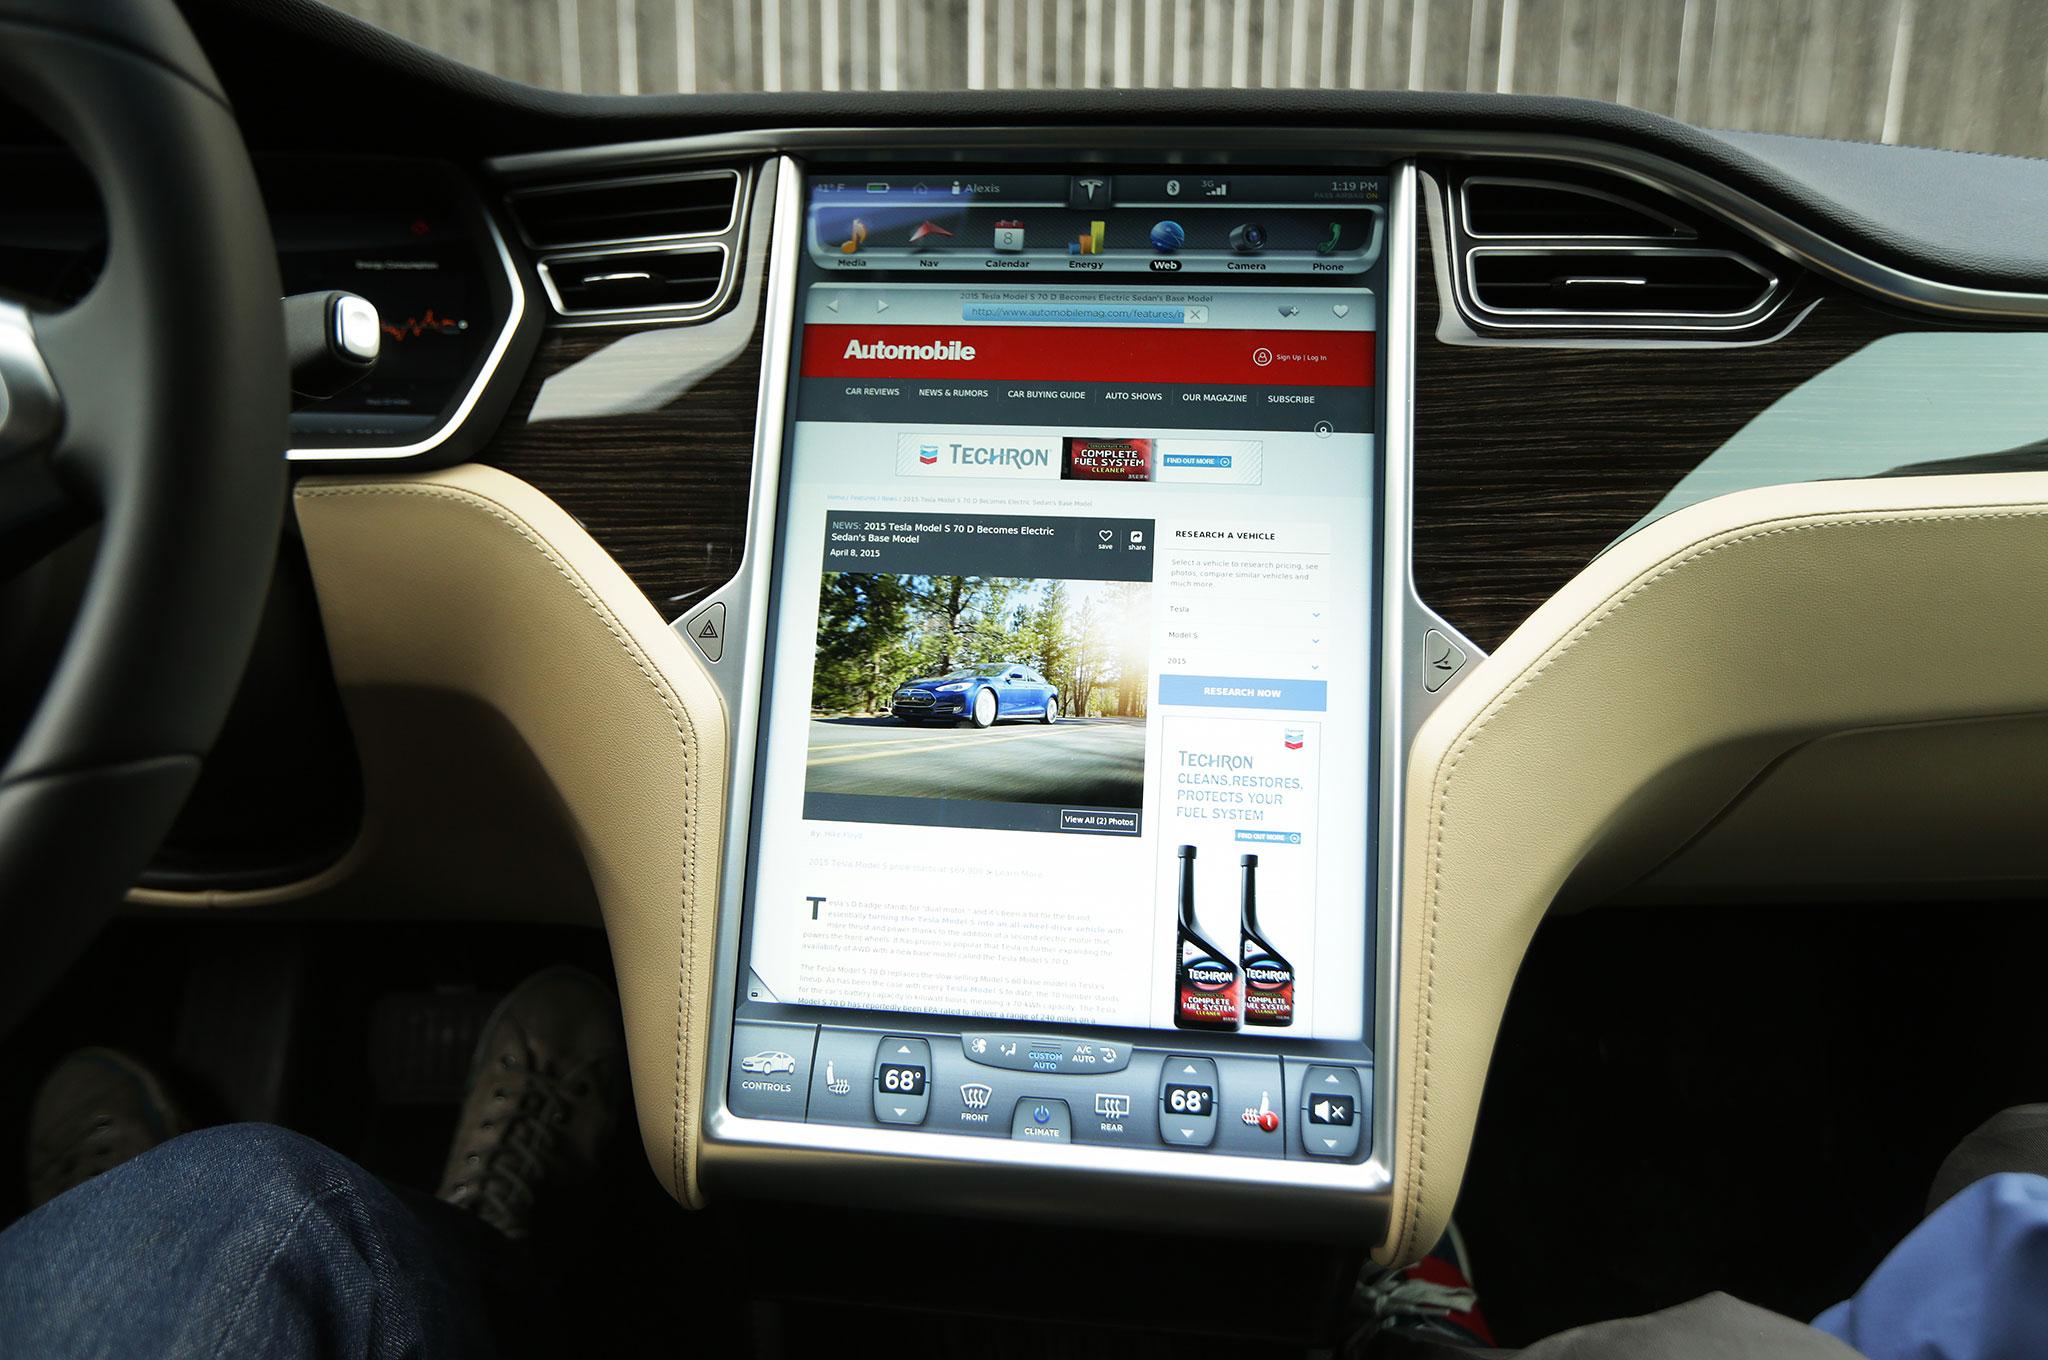 Worksheet. 2015 Tesla Model S 70D Around the Block